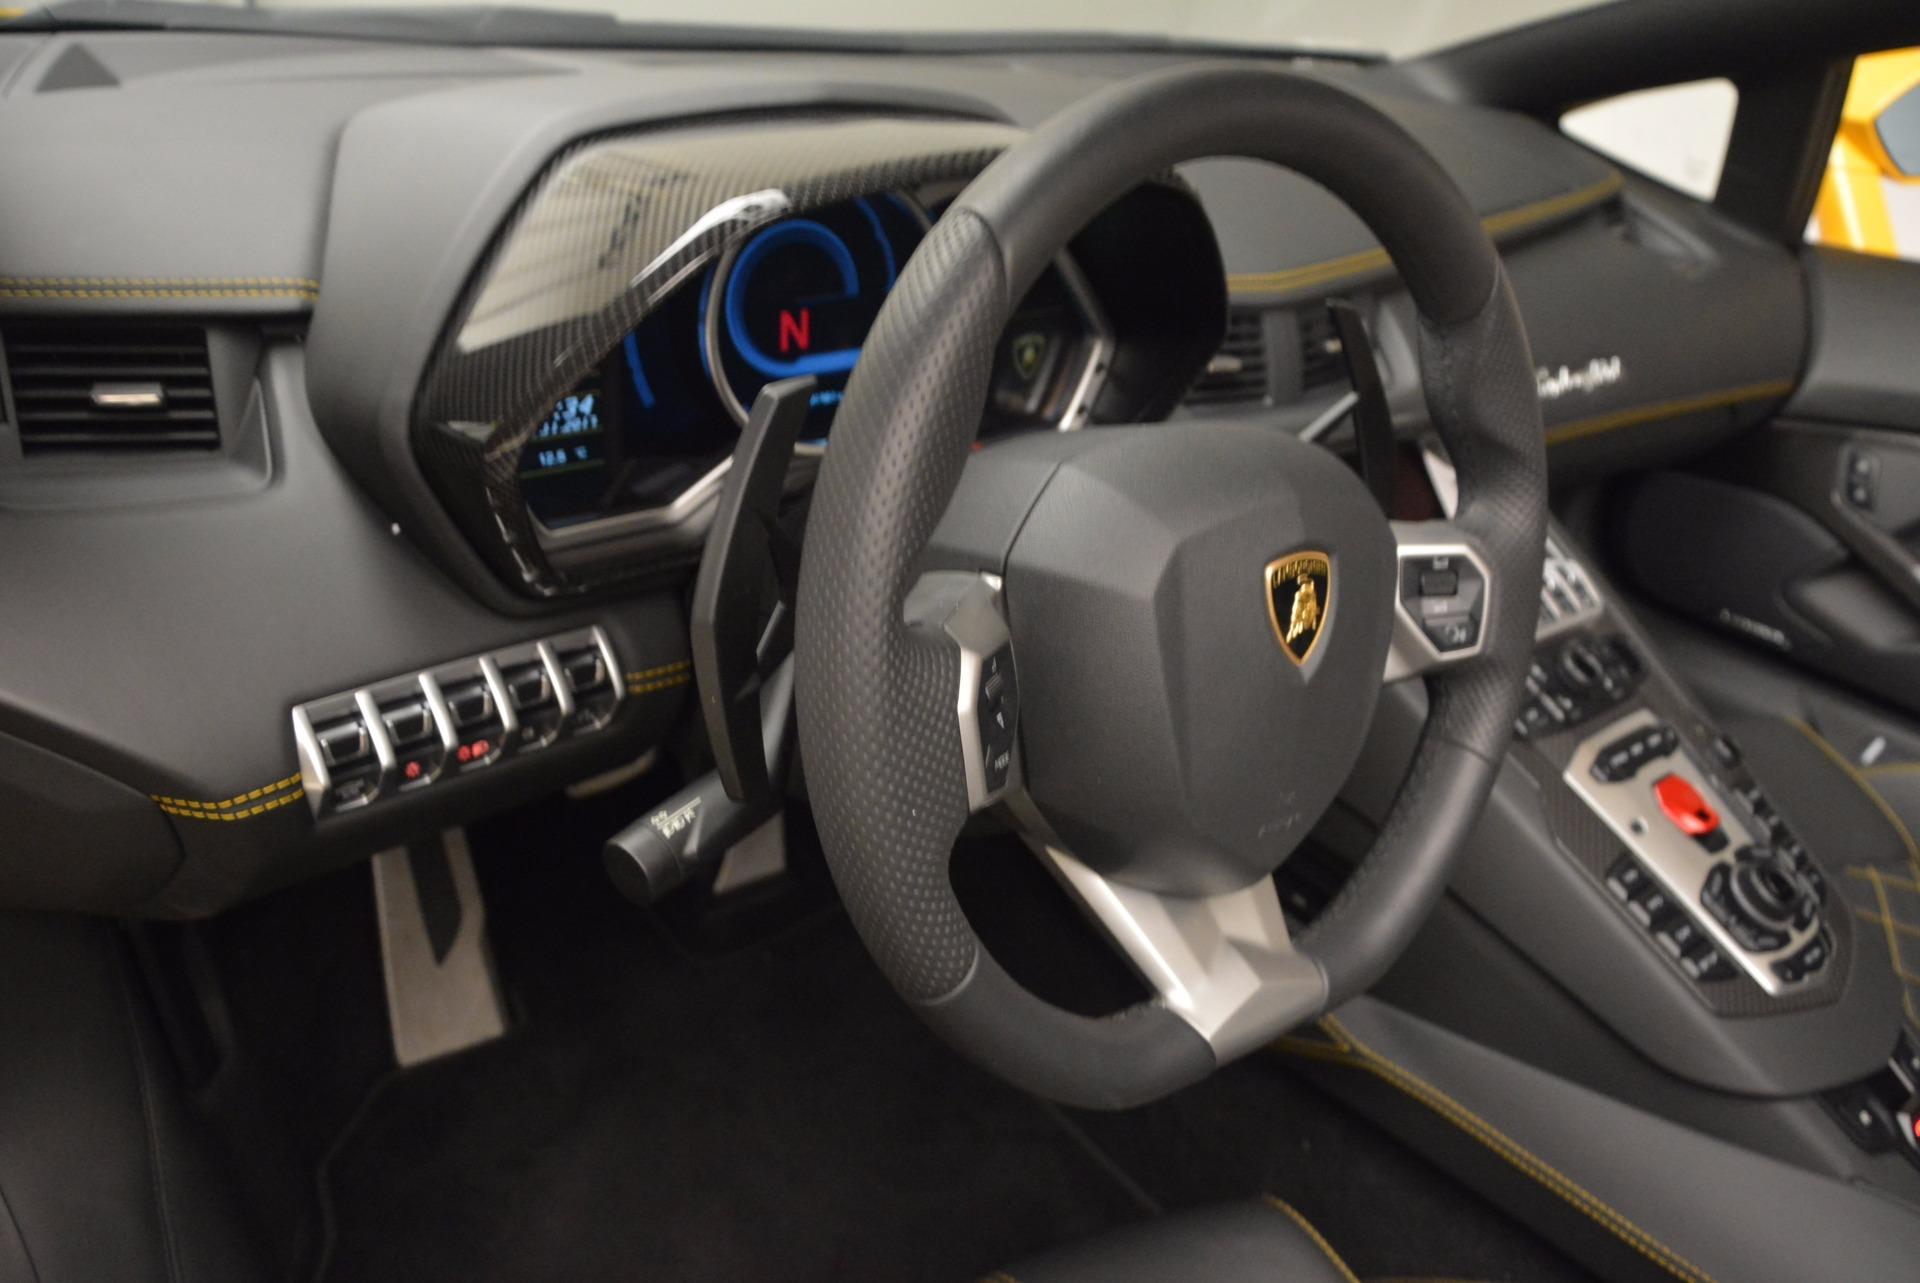 Used 2015 Lamborghini Aventador LP 700-4 Roadster For Sale In Greenwich, CT 1774_p18